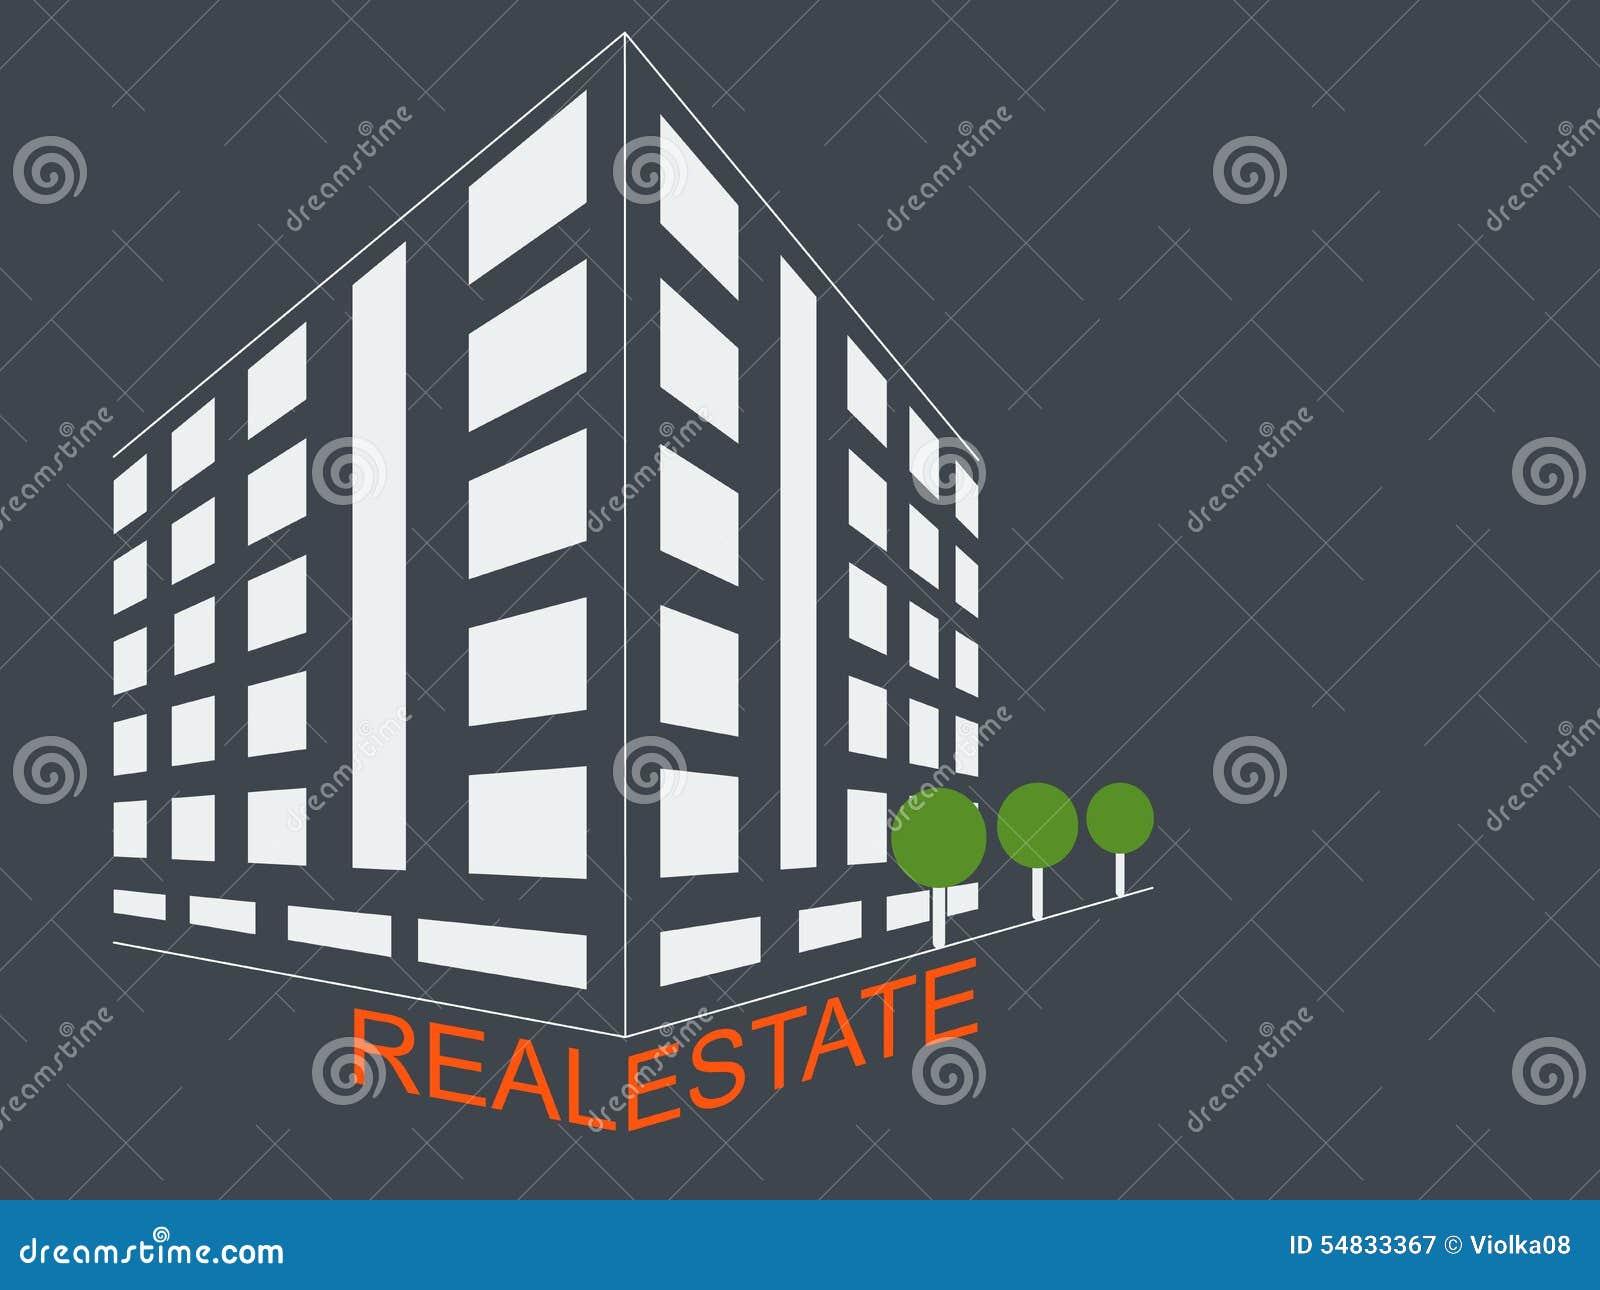 Real Estate Development Icon : Real estate development architecture concept symbol stock